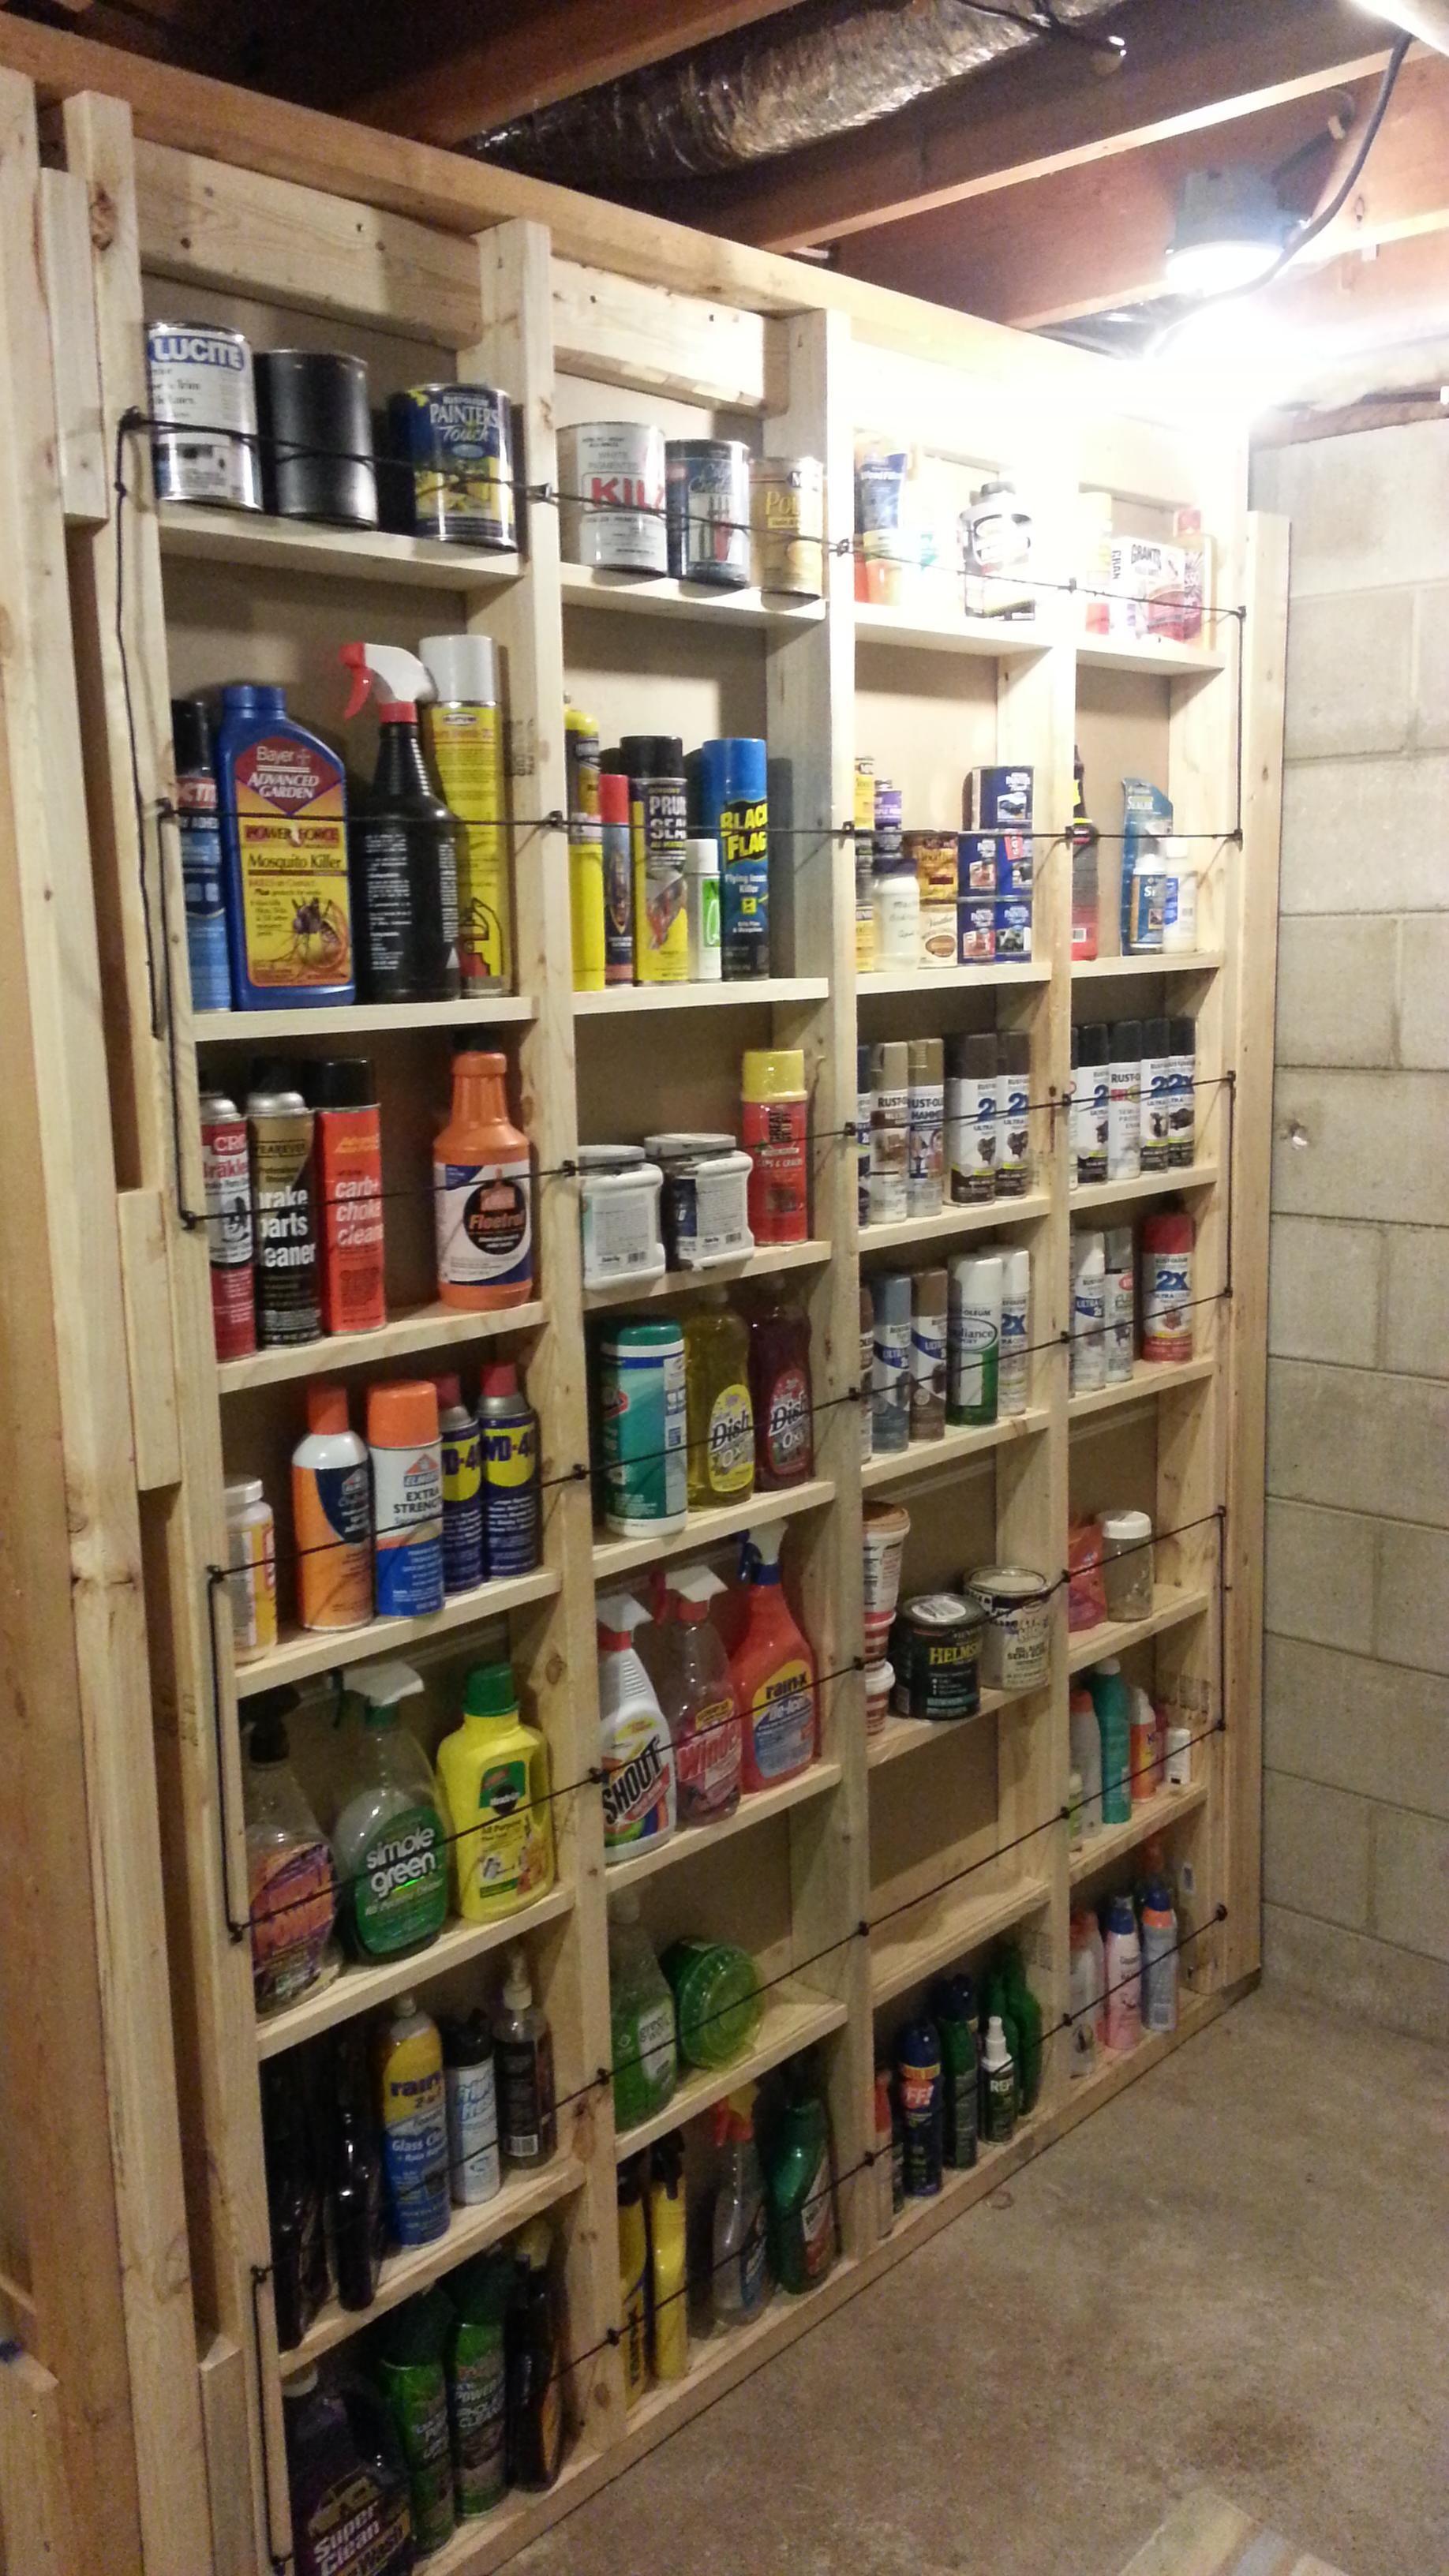 Built some shelves behind a closet between the studs.